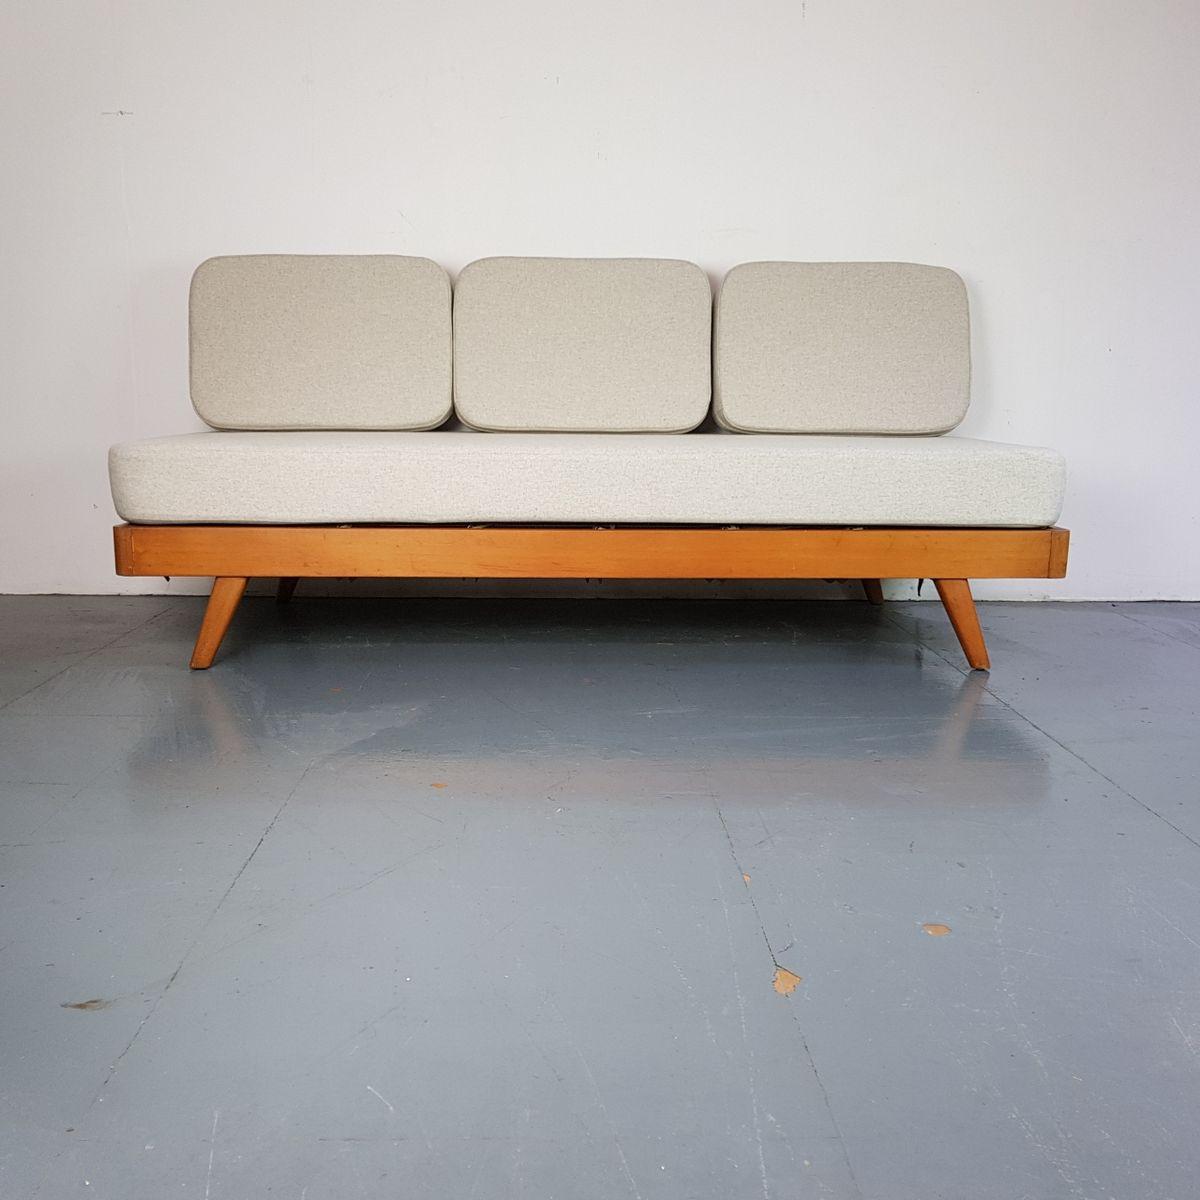 d nisches vintage 3 sitzer schlafsofa mit hellgrauem bezug bei pamono kaufen. Black Bedroom Furniture Sets. Home Design Ideas